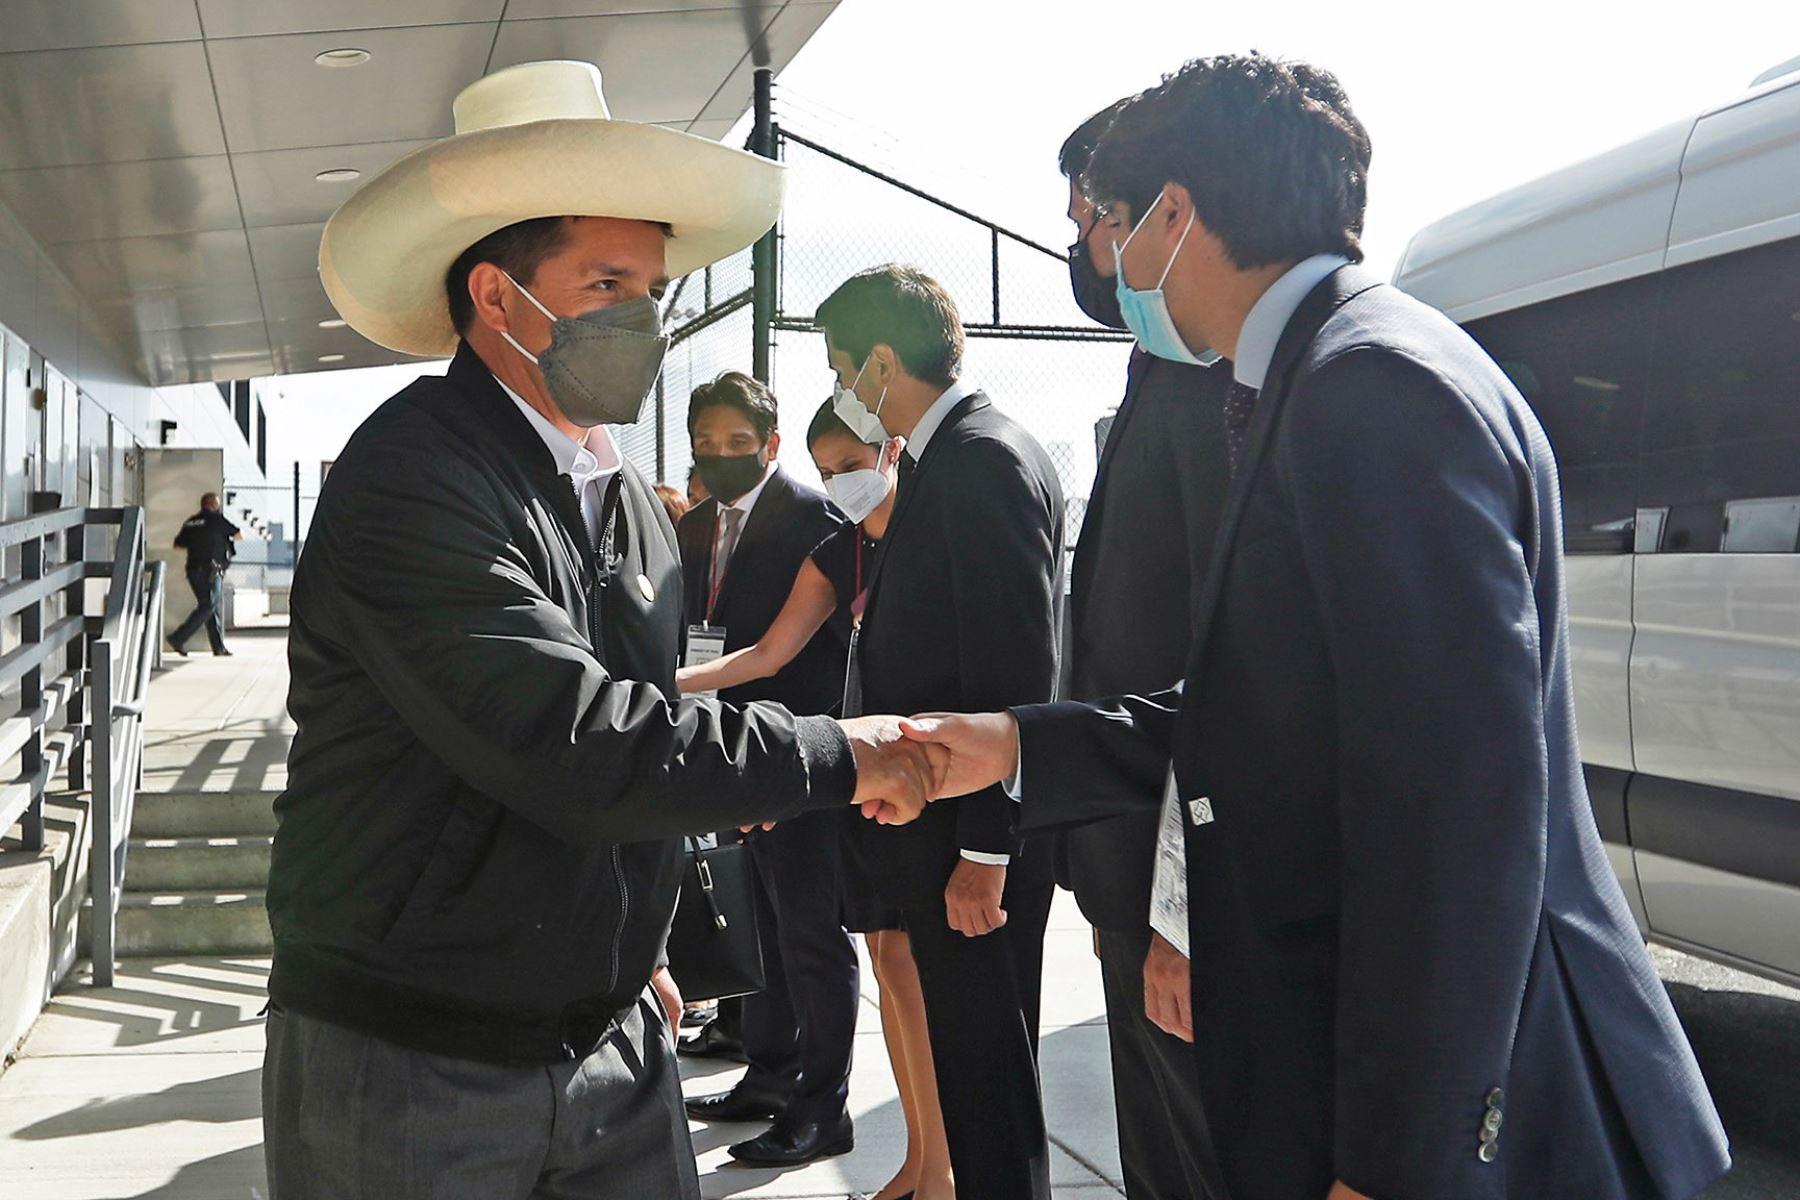 El presidente Pedro Castillo llegó a Estados Unidos para participar en la sesión del Consejo Permanente de la OEA en la 76° Asamblea General de la ONU. El jefe de Estado fue recibido por el representante permanente del Perú ante la OEA, Harold Forsyth. Foto: ANDINA/Prensa Presidencia